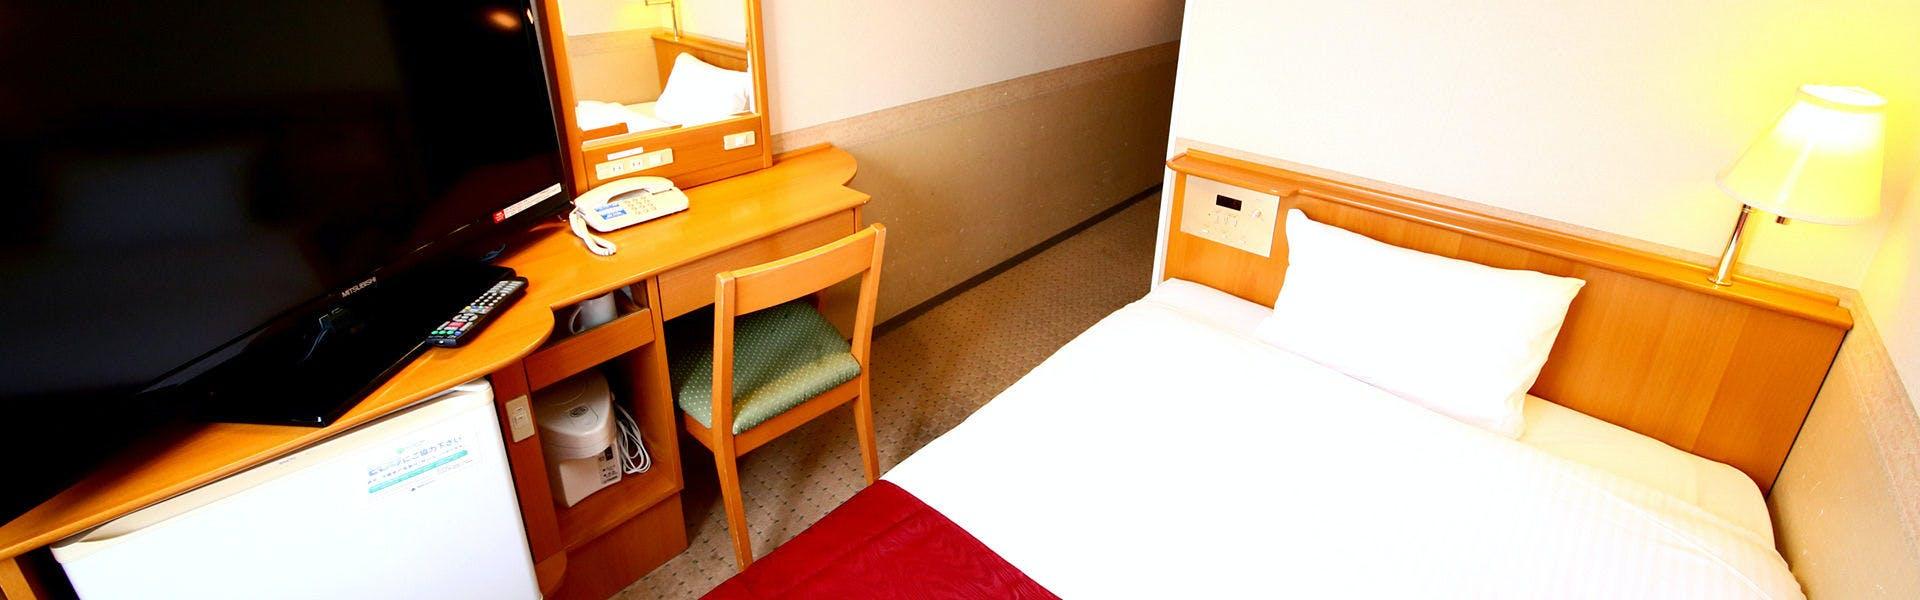 記念日におすすめのホテル・【アパホテル〈高崎駅前〉】 の空室状況を確認するの写真2